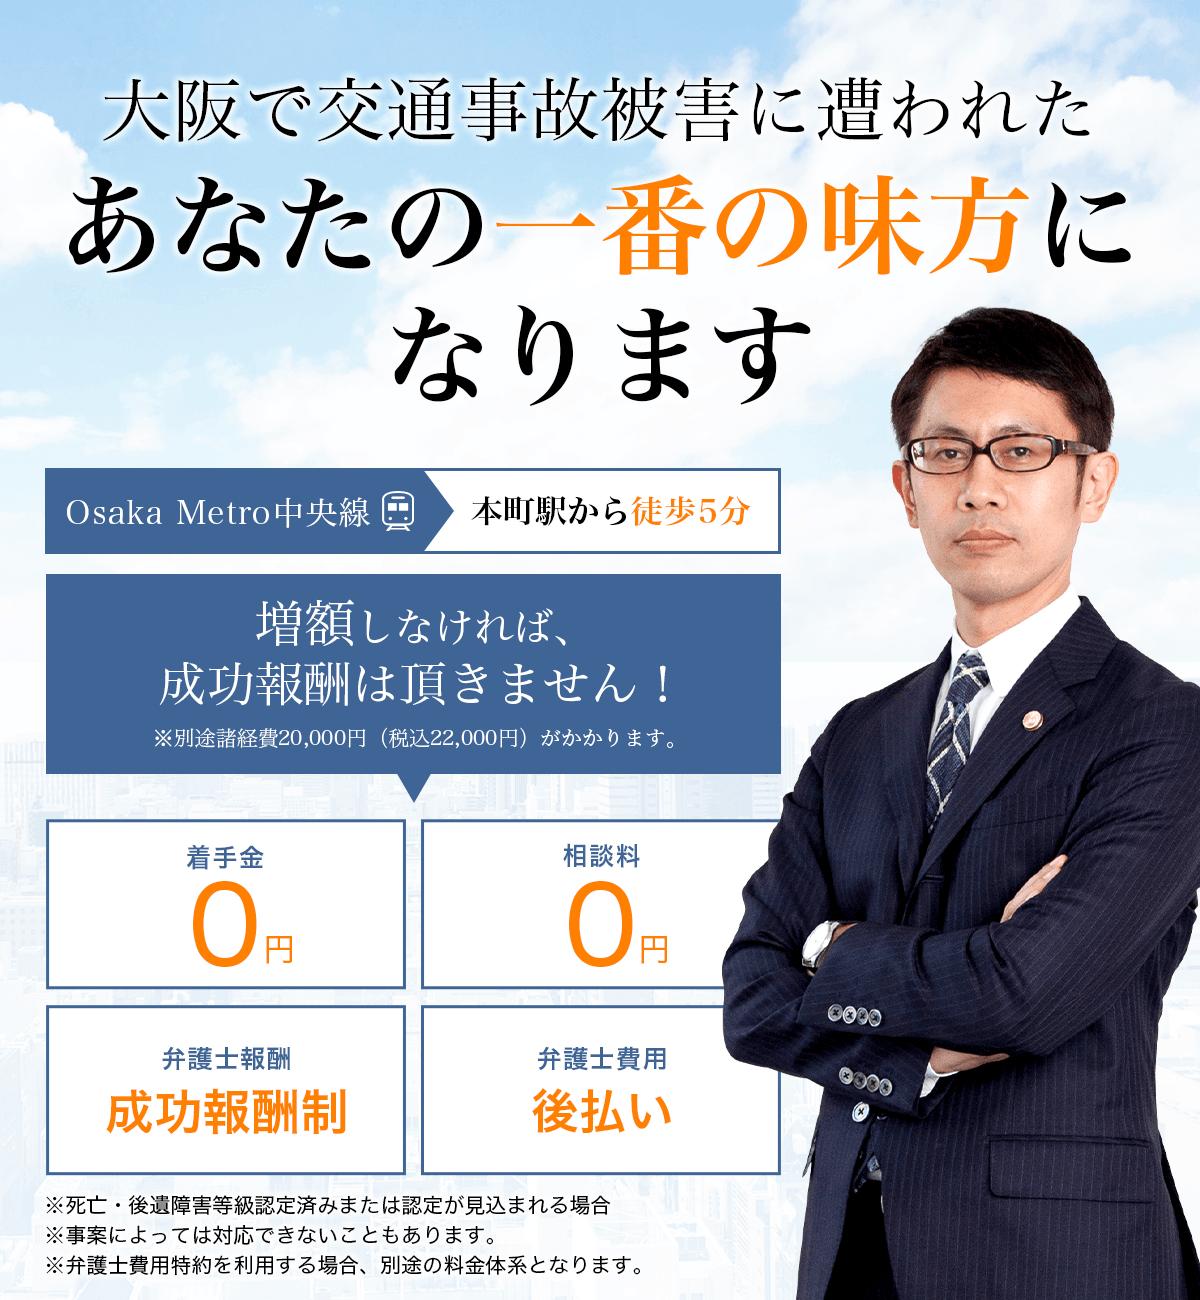 大阪で交通事故被害に遭われた方へ保険会社とのやり取りや賠償額の交渉は弁護士へご相談ください。最終的な解決までしっかりサポート致します。弁護士法人ALG&Associates